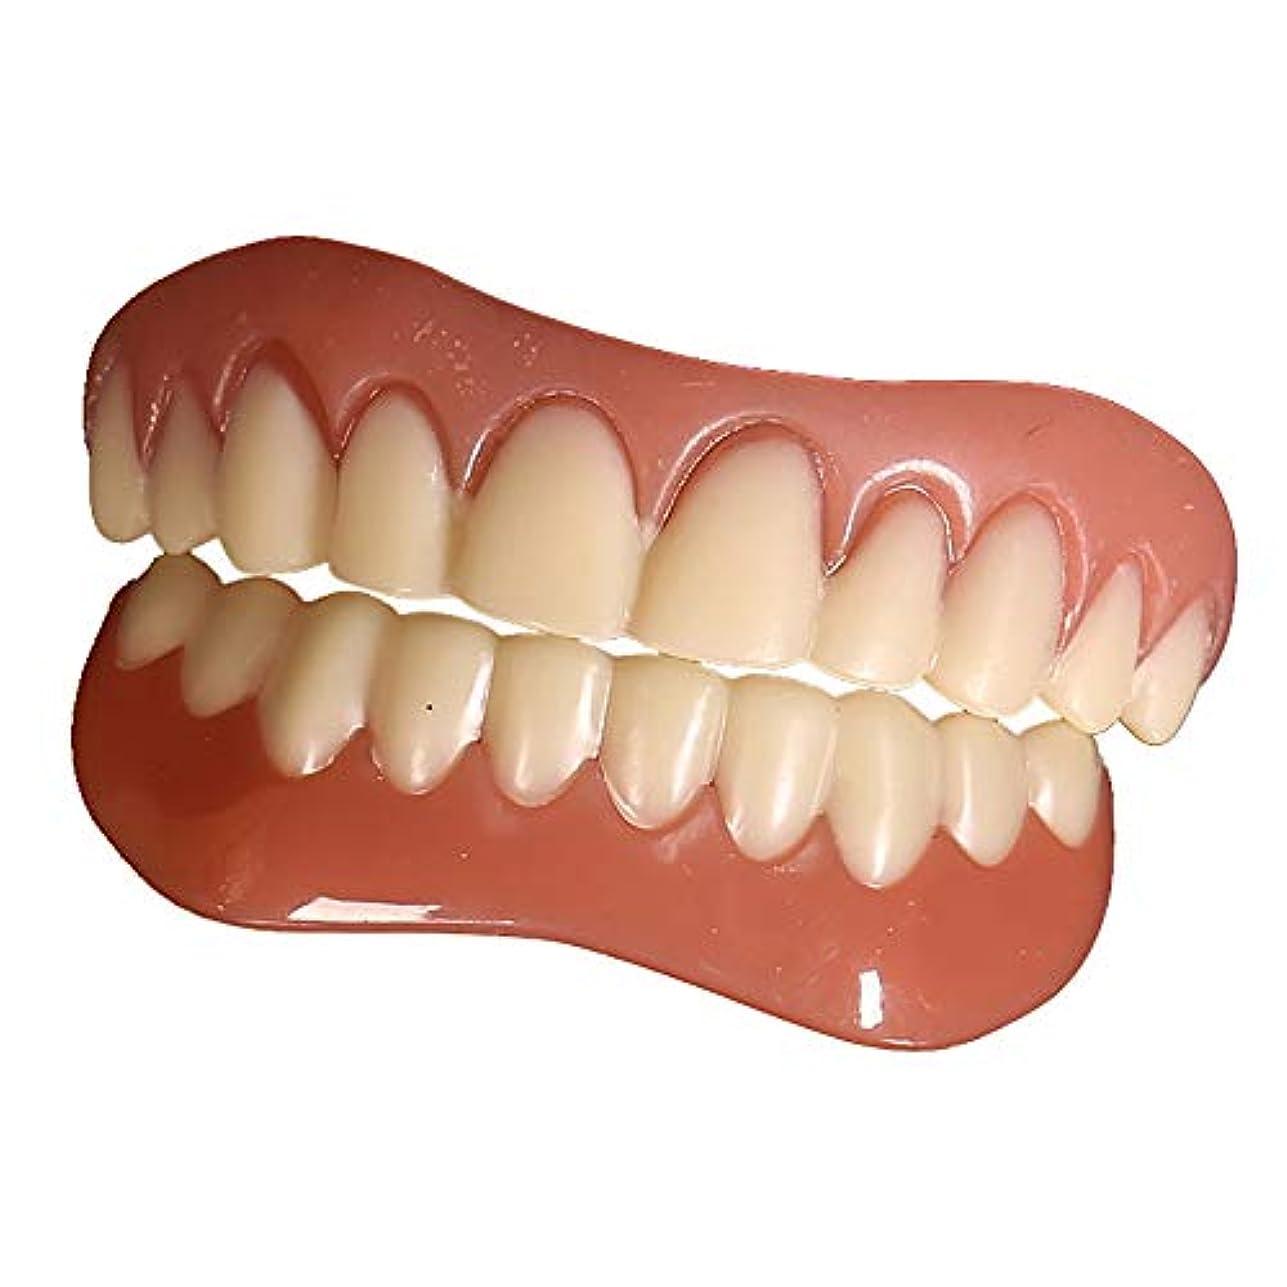 ランチ驚いた争いパーフェクトインスタントスマイルティースベニヤインスタントビューティーデンチャー上下歯2組(フリーサイズ(中))